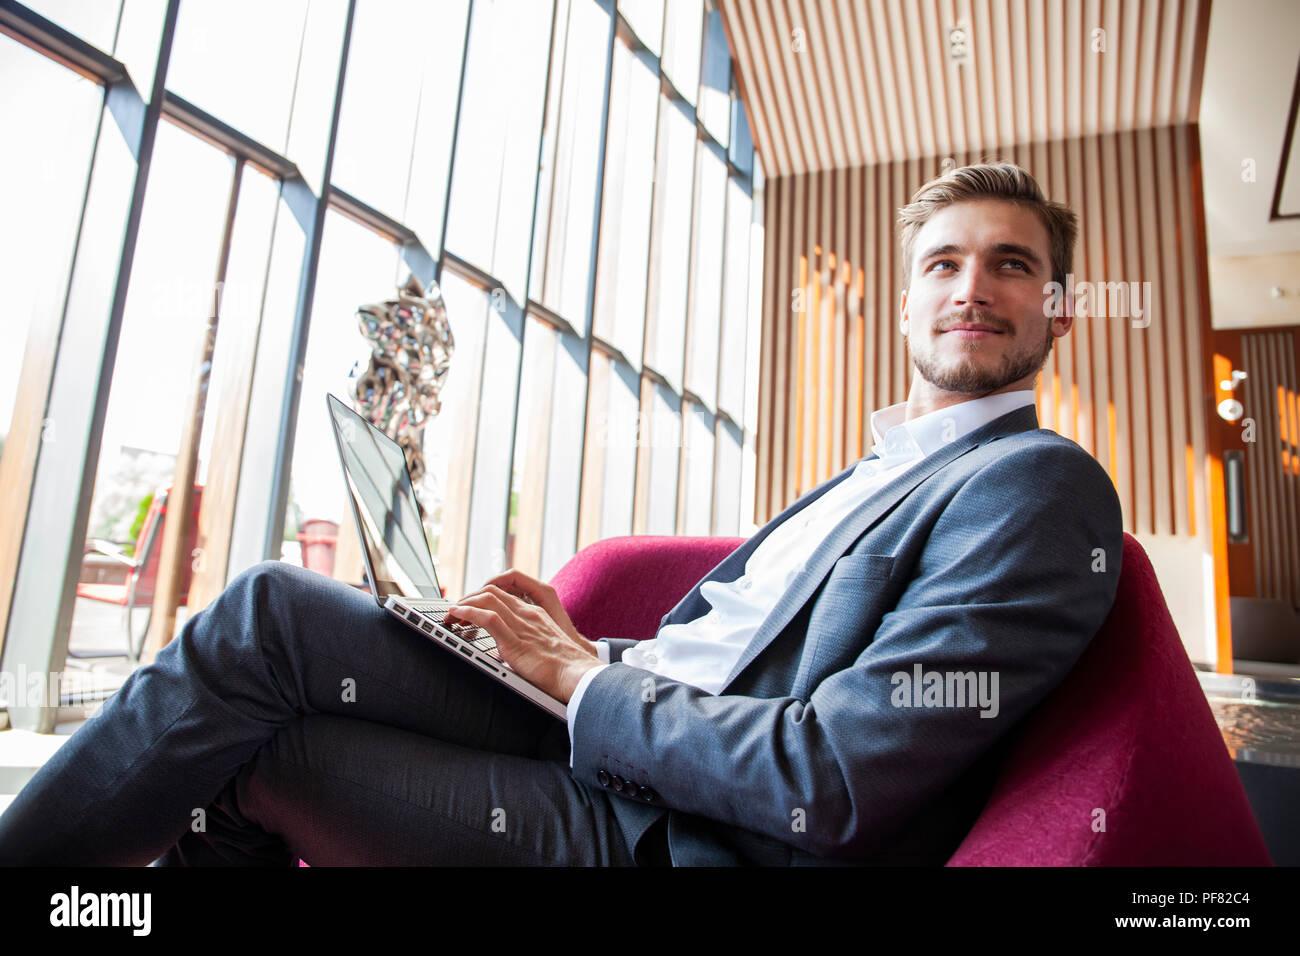 Giovane imprenditore lavora su laptop, seduti nella hall in attesa di qualcuno. Immagini Stock